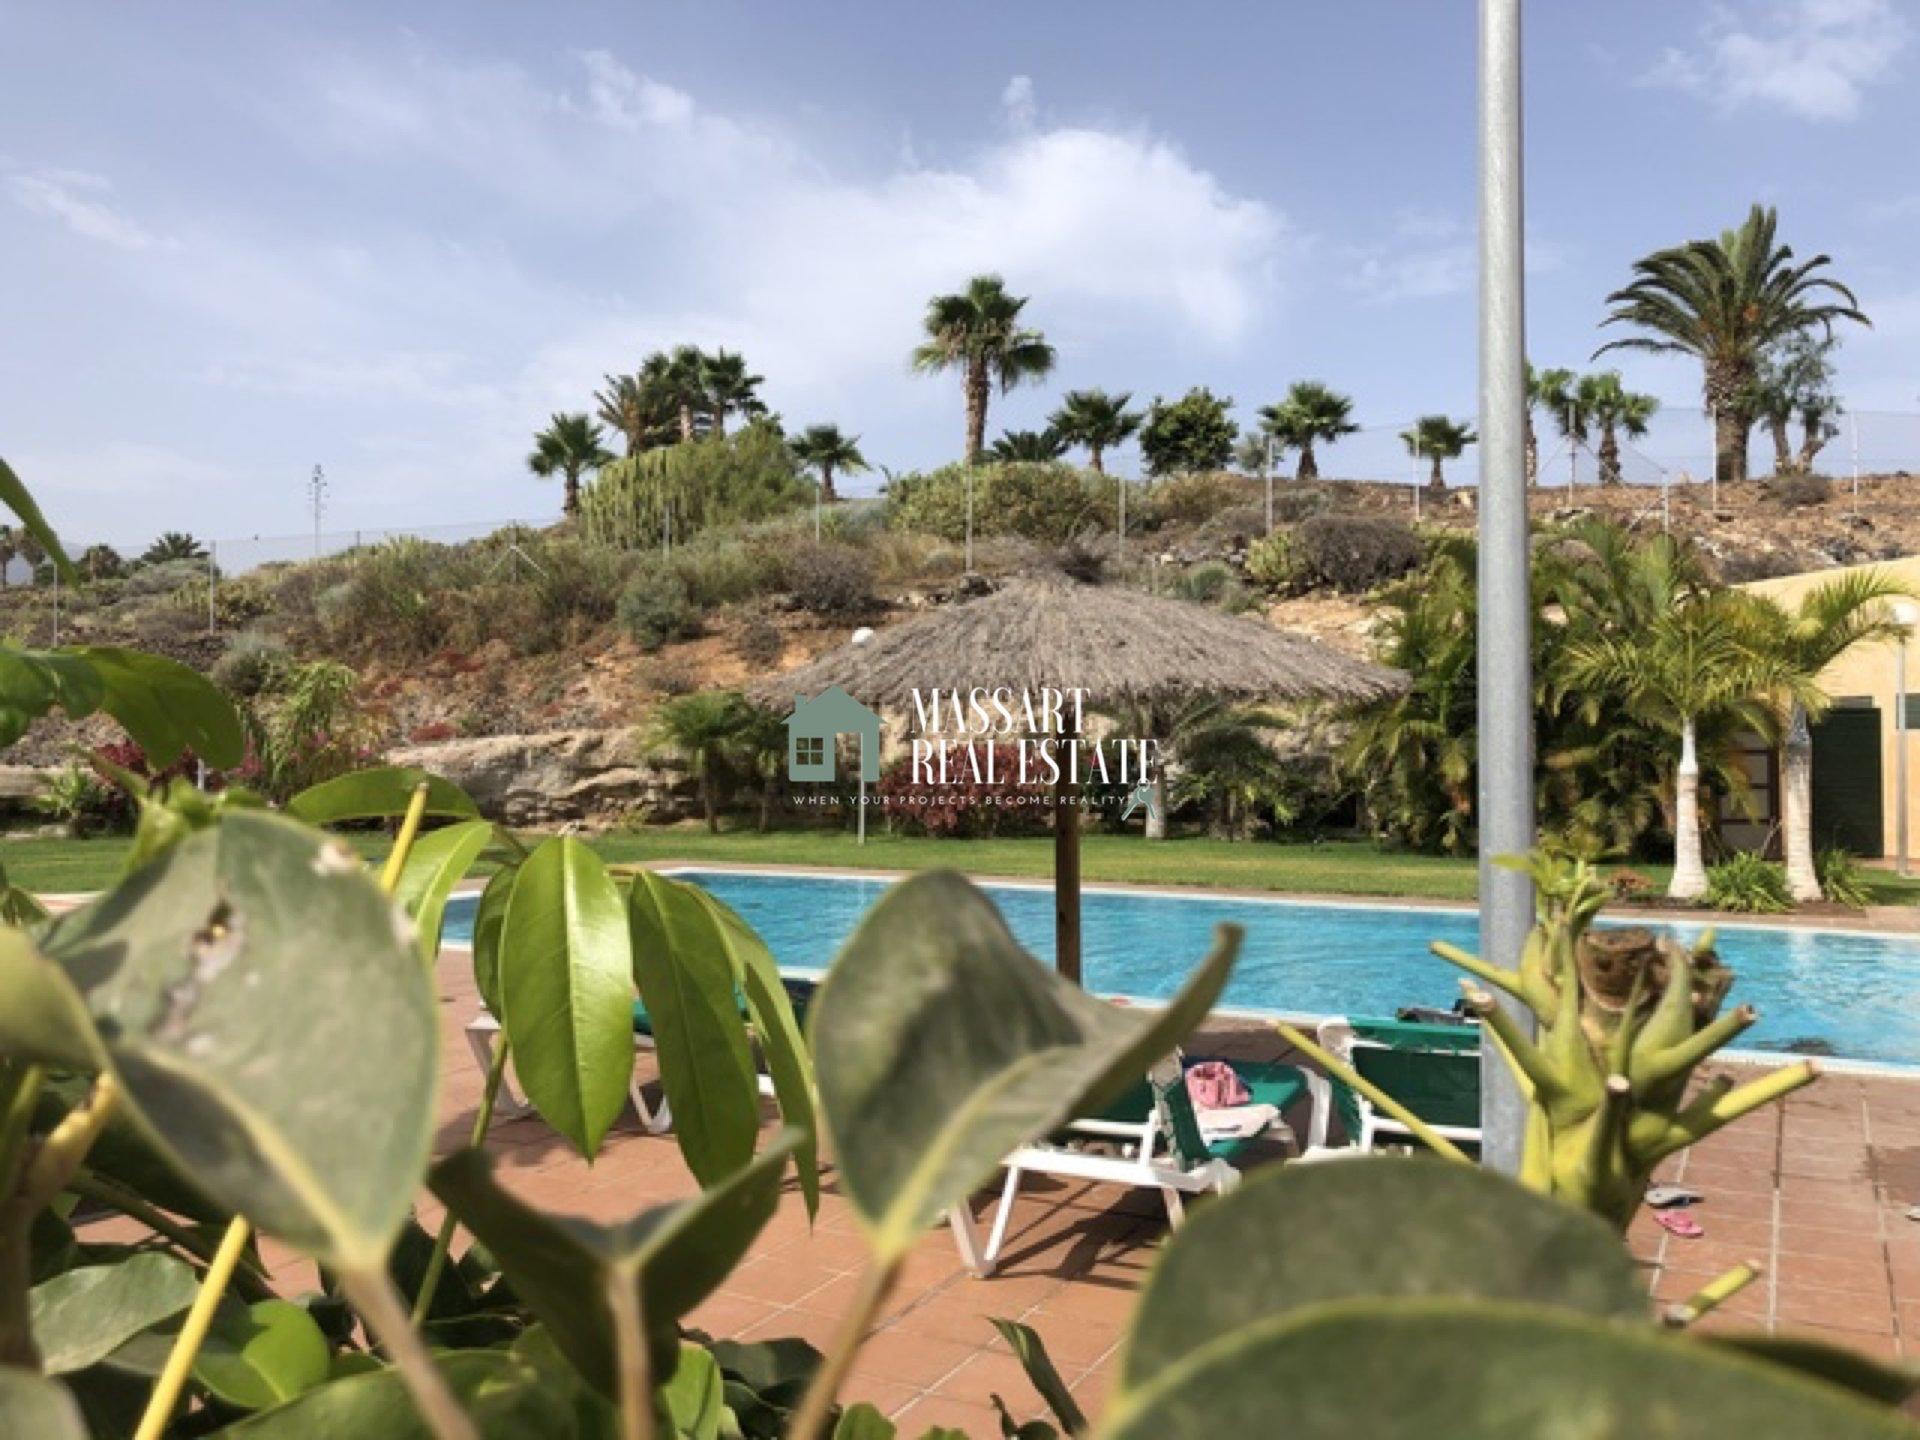 Te koop in het exclusieve gedeelte van Amarilla Golf, in het wooncomplex Palm Gardens, een luxe appartement uitgerust met kwaliteitsmeubilair.